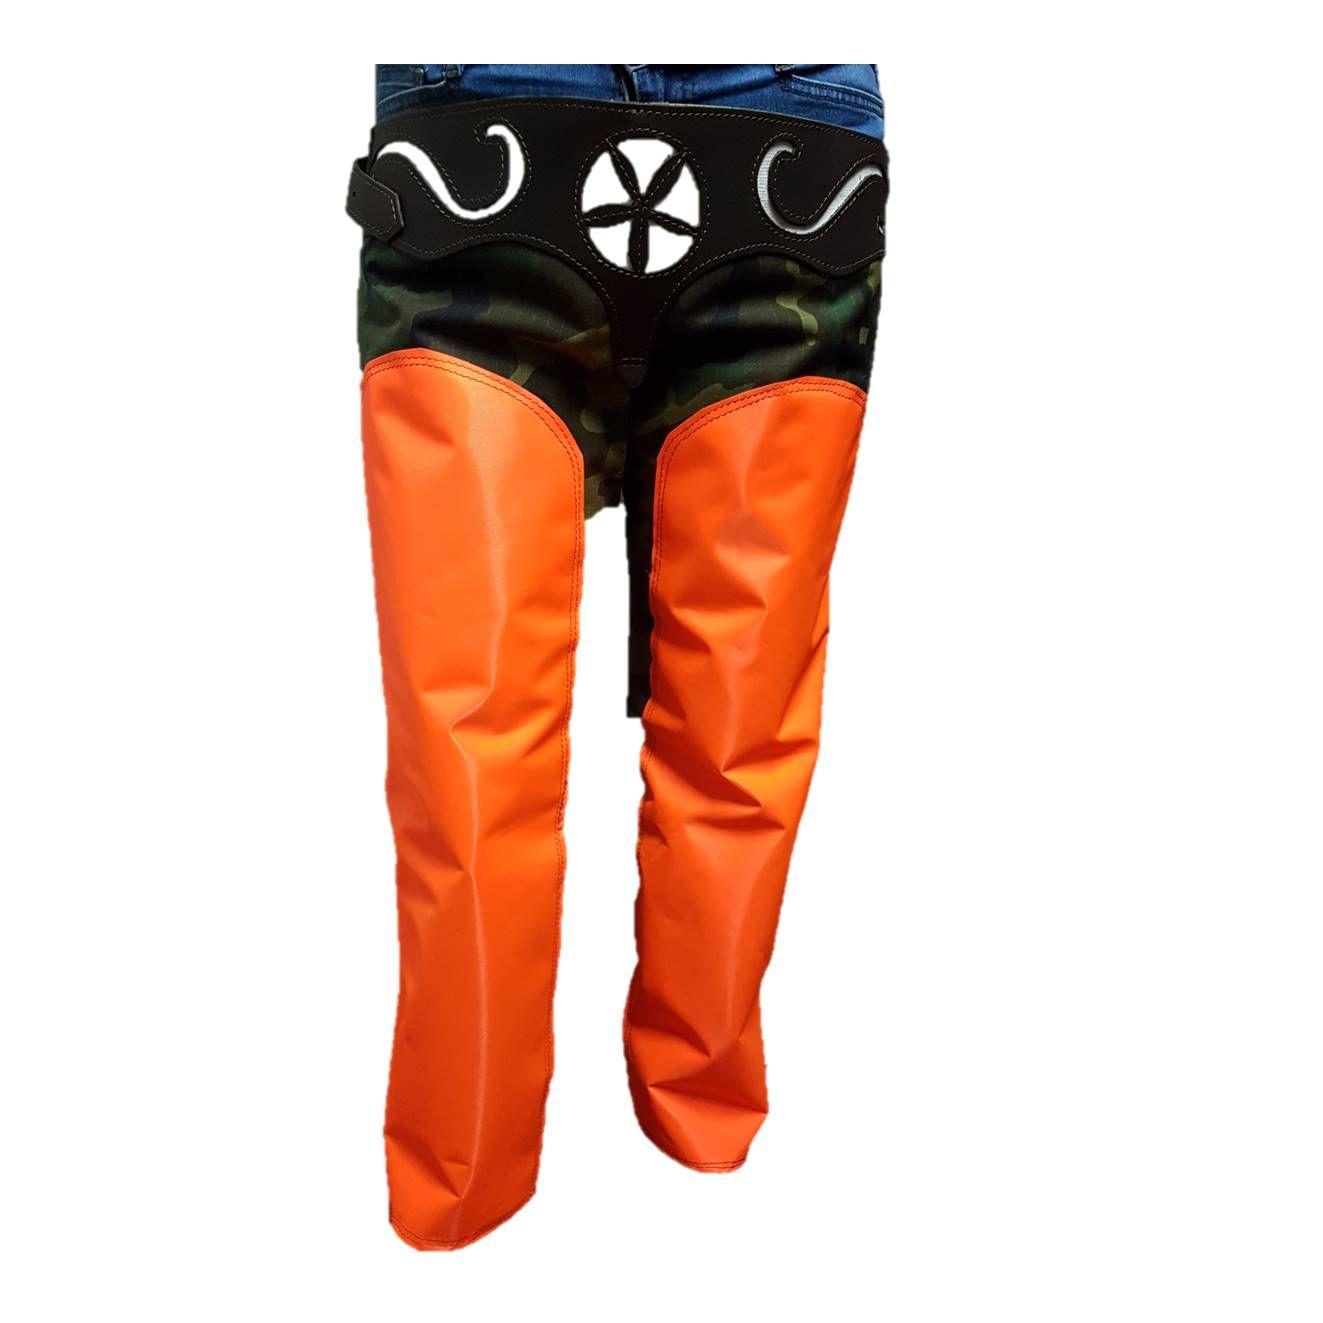 Pernera lona para cazar en monte boscoso, camuflaje y naranja: Tienda online de Artículos de Caza